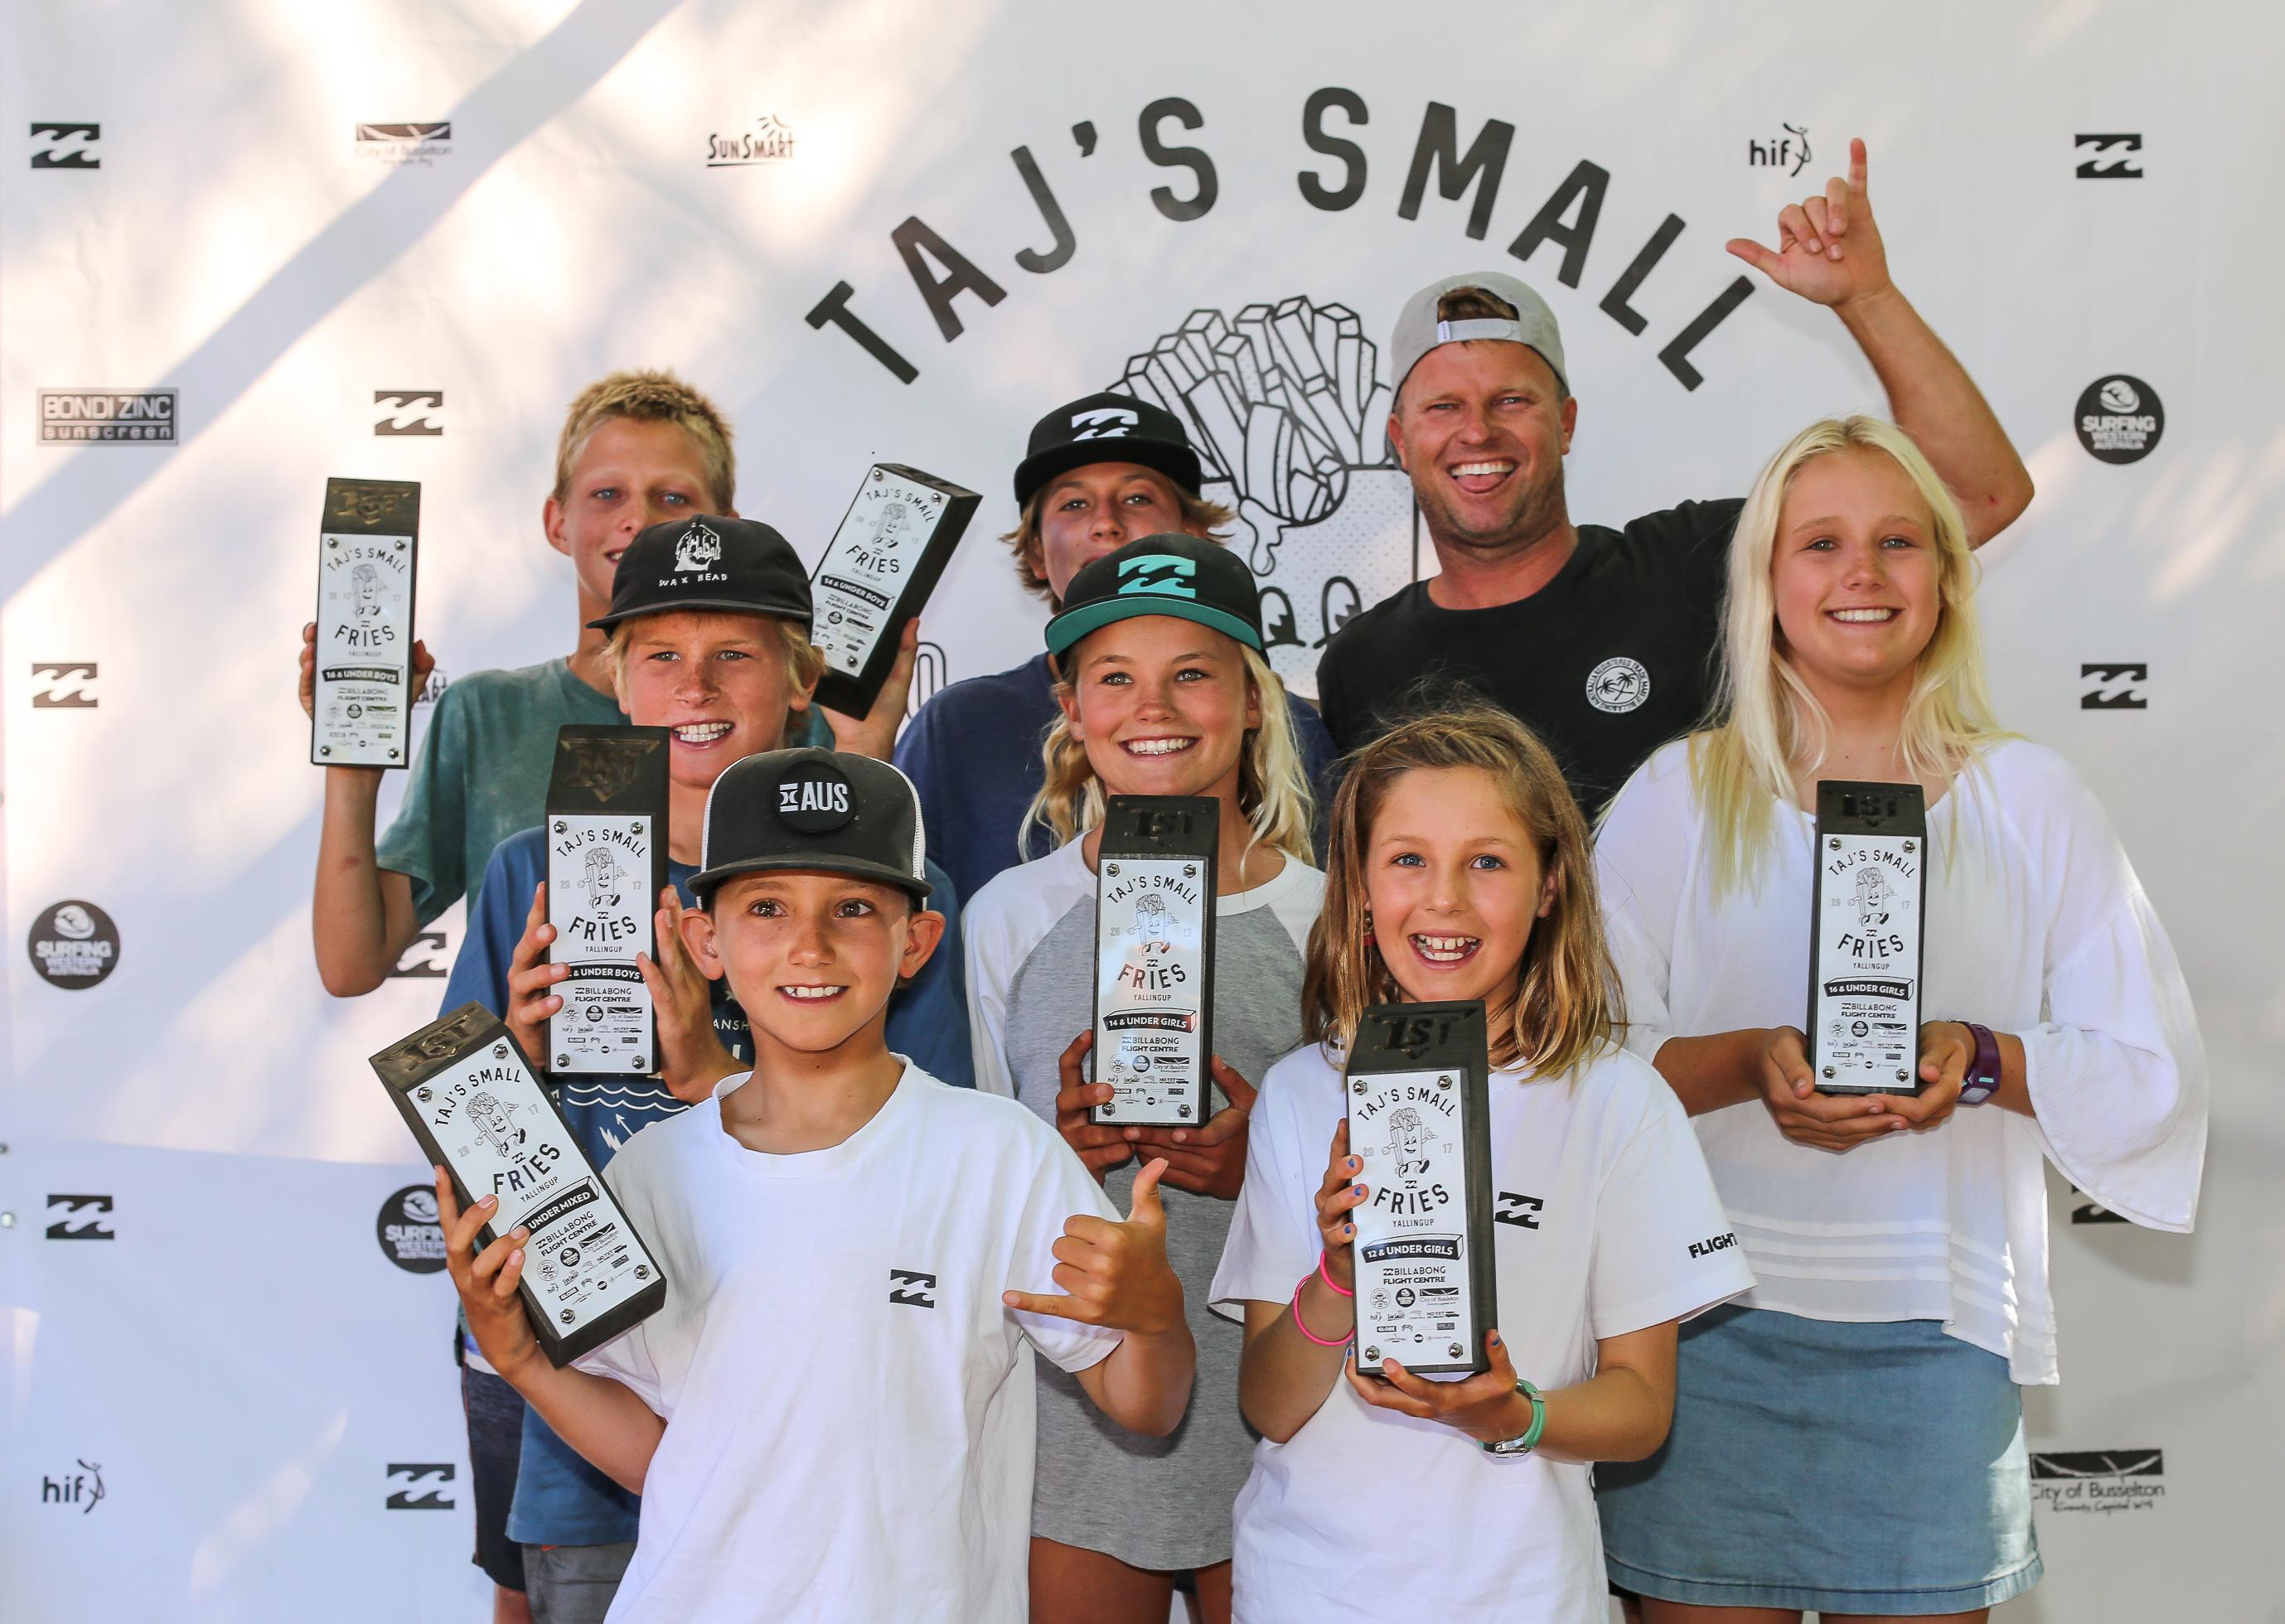 タジ・バロウのキッズ向けイベント「Taj's Small Fries」:タジが少女を救助する一幕も